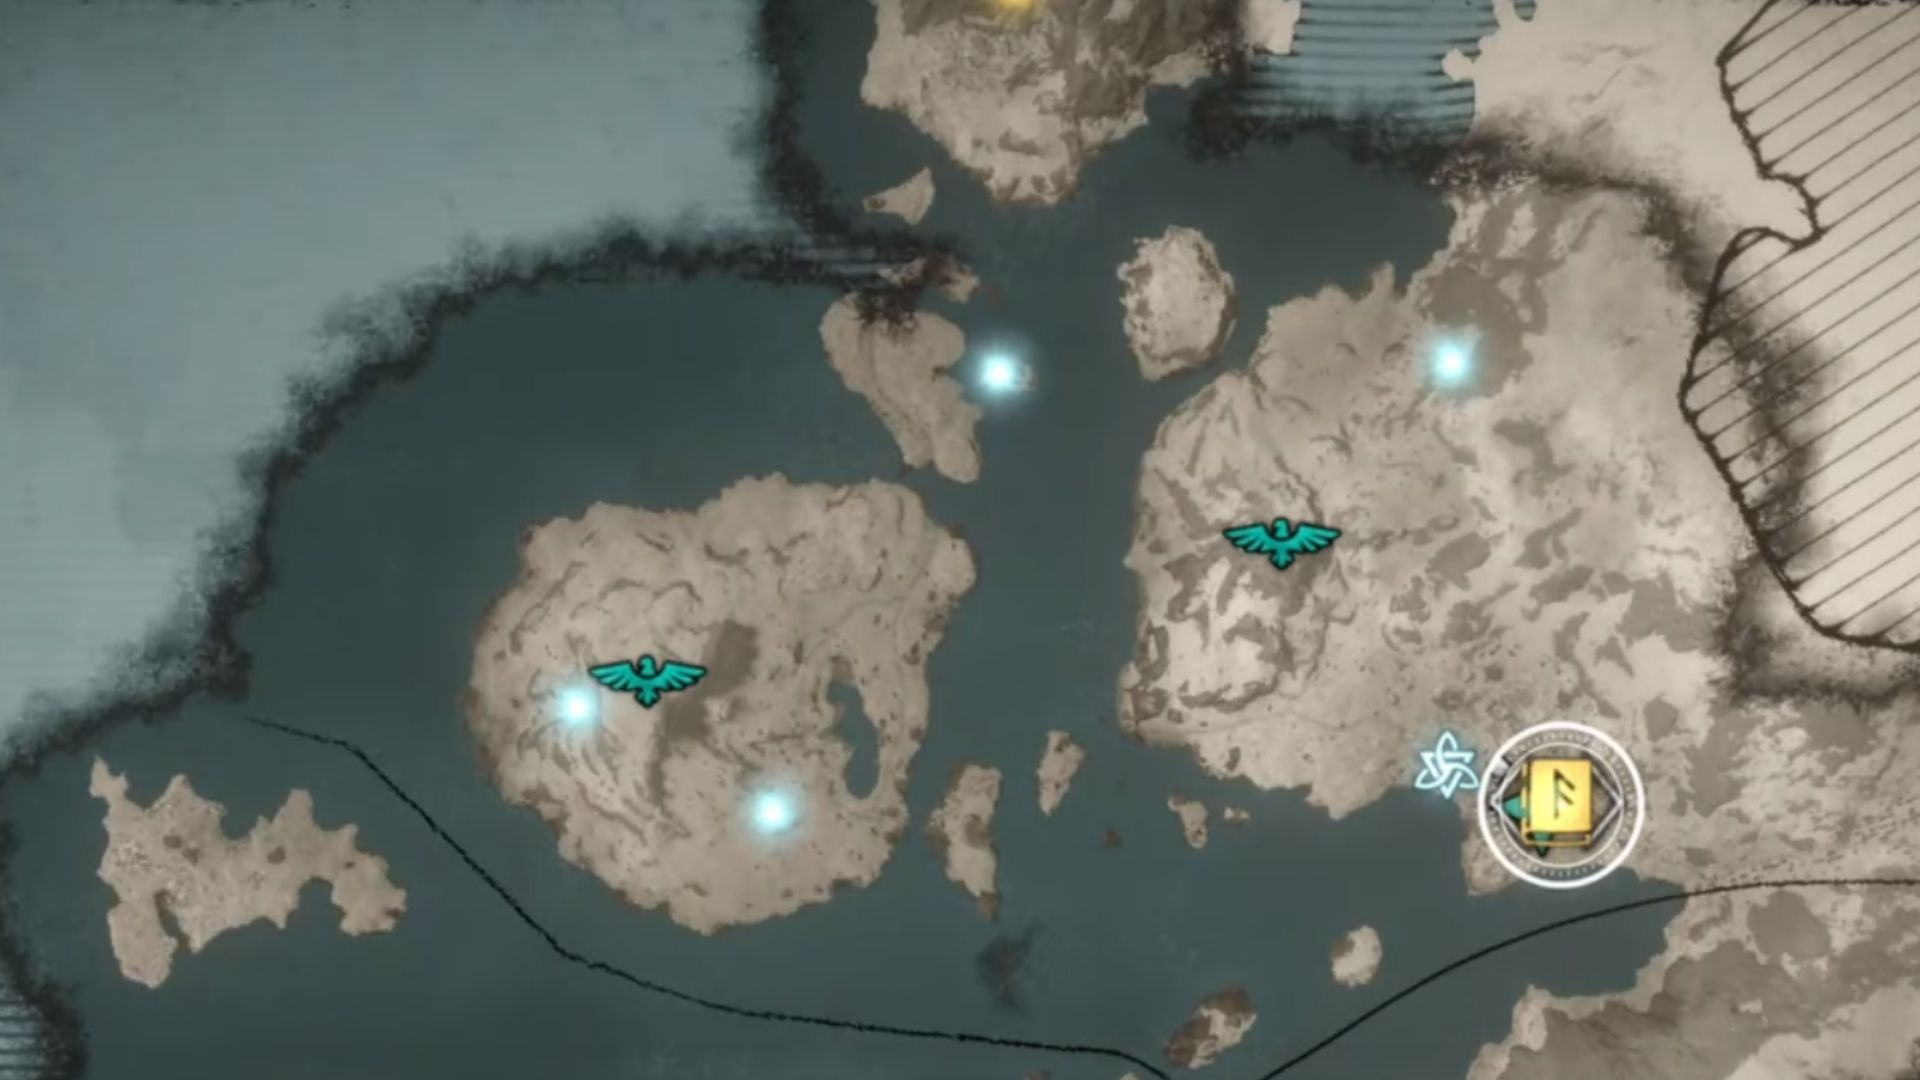 Hordafylke map location